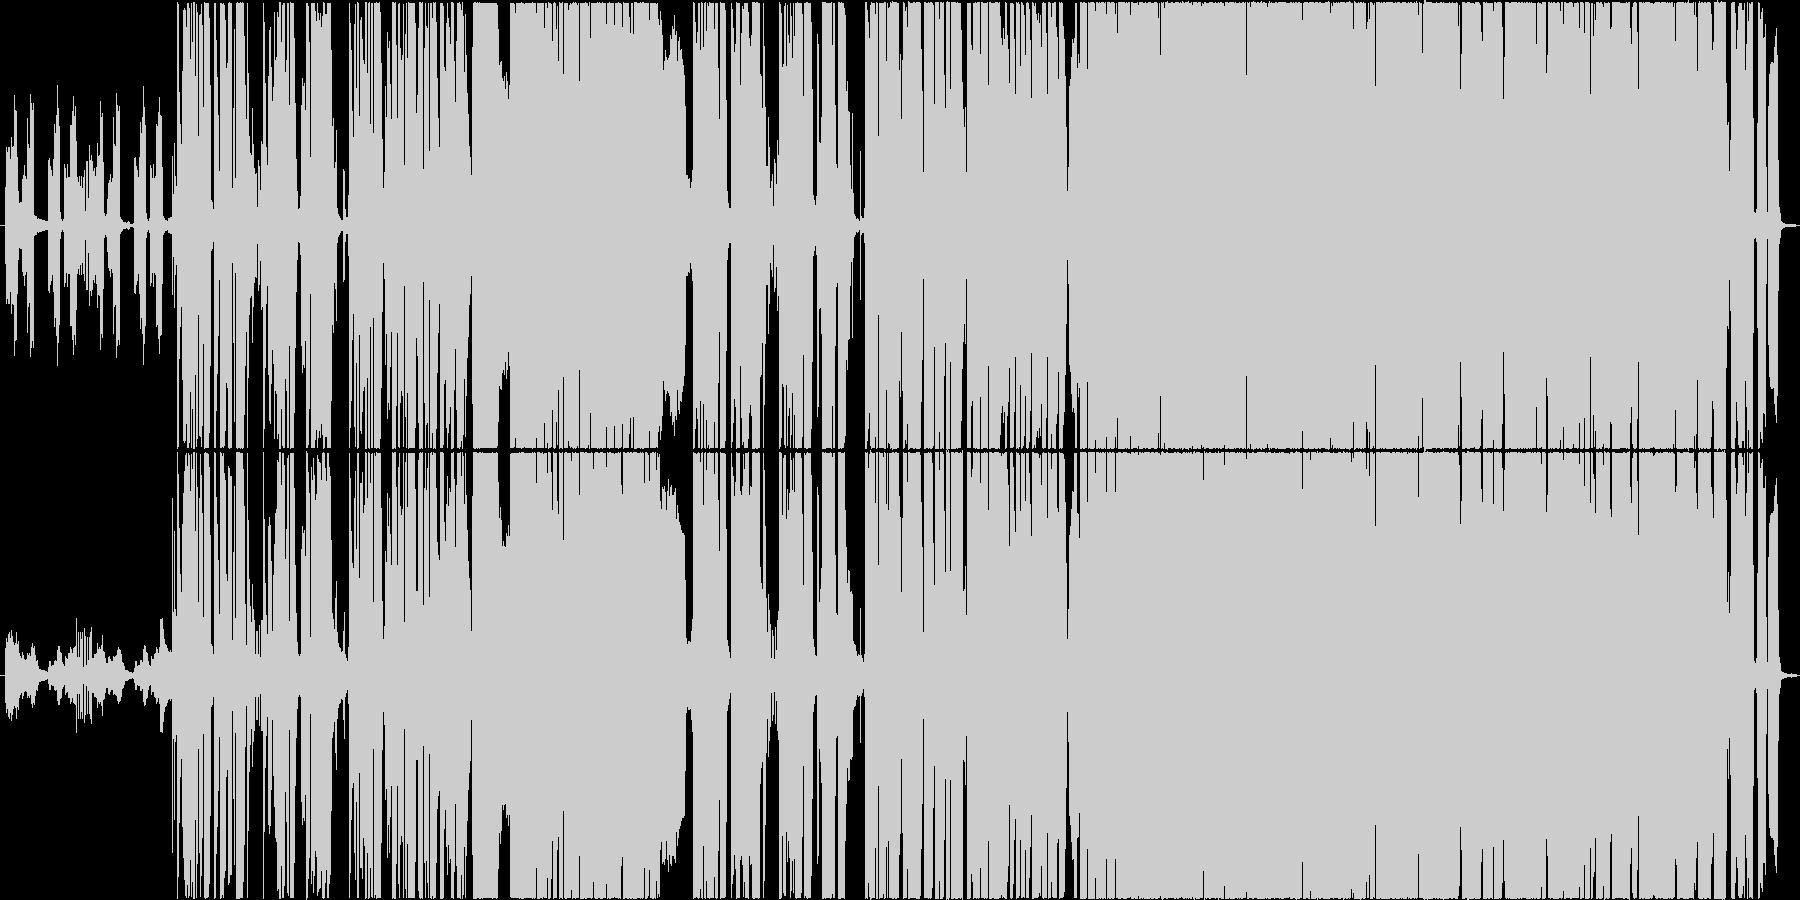 明るい、前向きな、エモいギターロック曲の未再生の波形